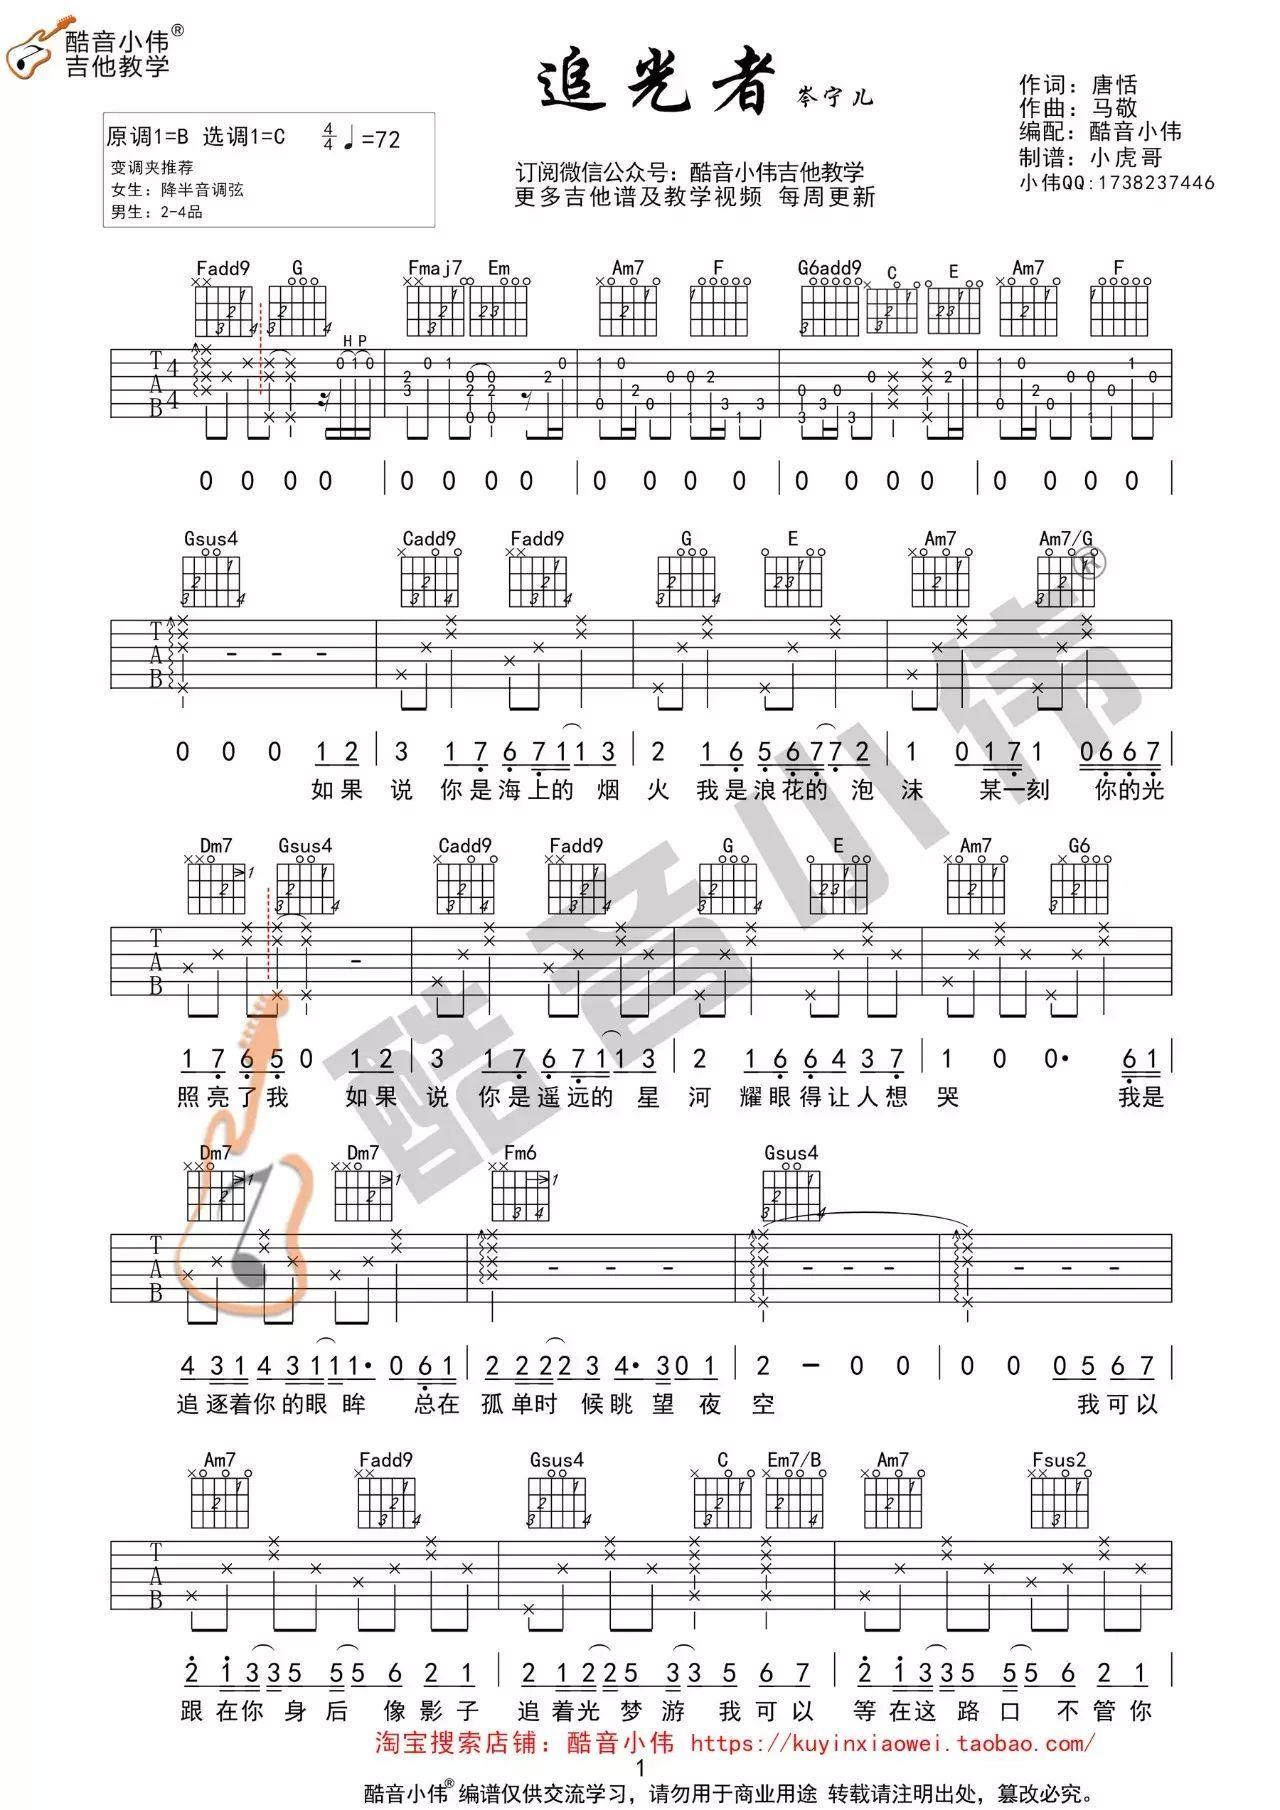 追光者 岑宁儿教学视频及吉他谱发布 酷音小伟吉他教学